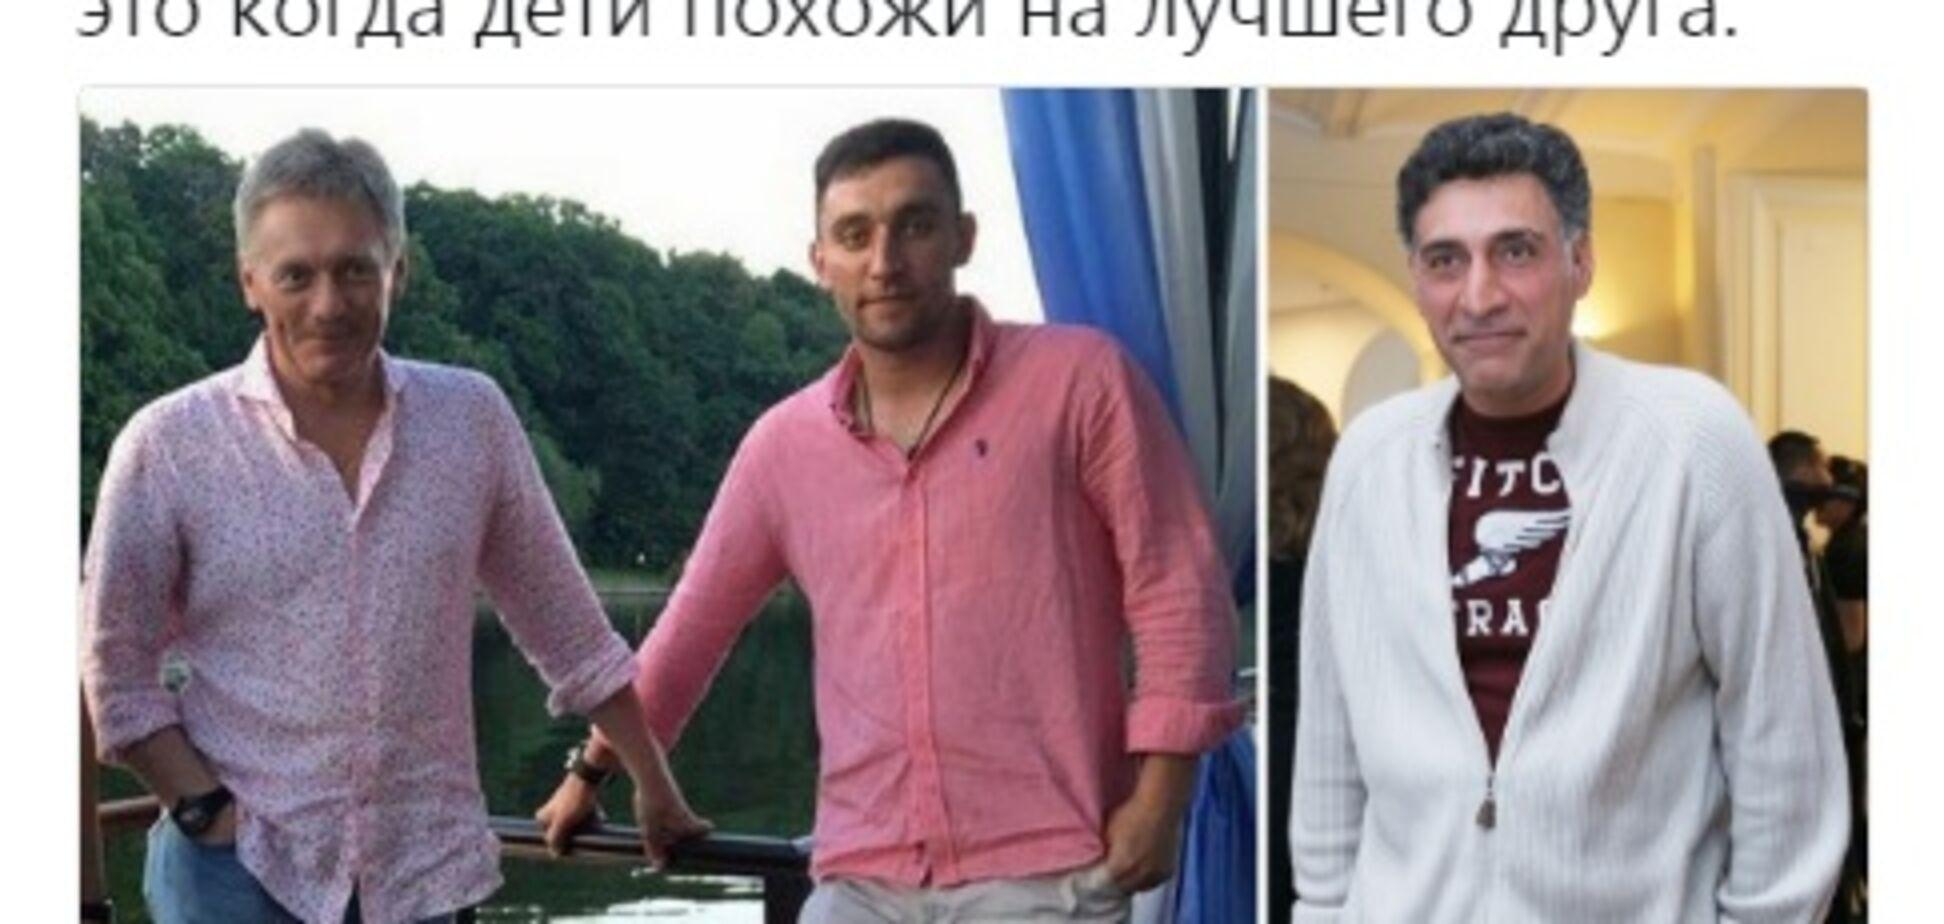 'Він його удочерив': у мережі знайшли 'справжнього' батька сина Пєскова